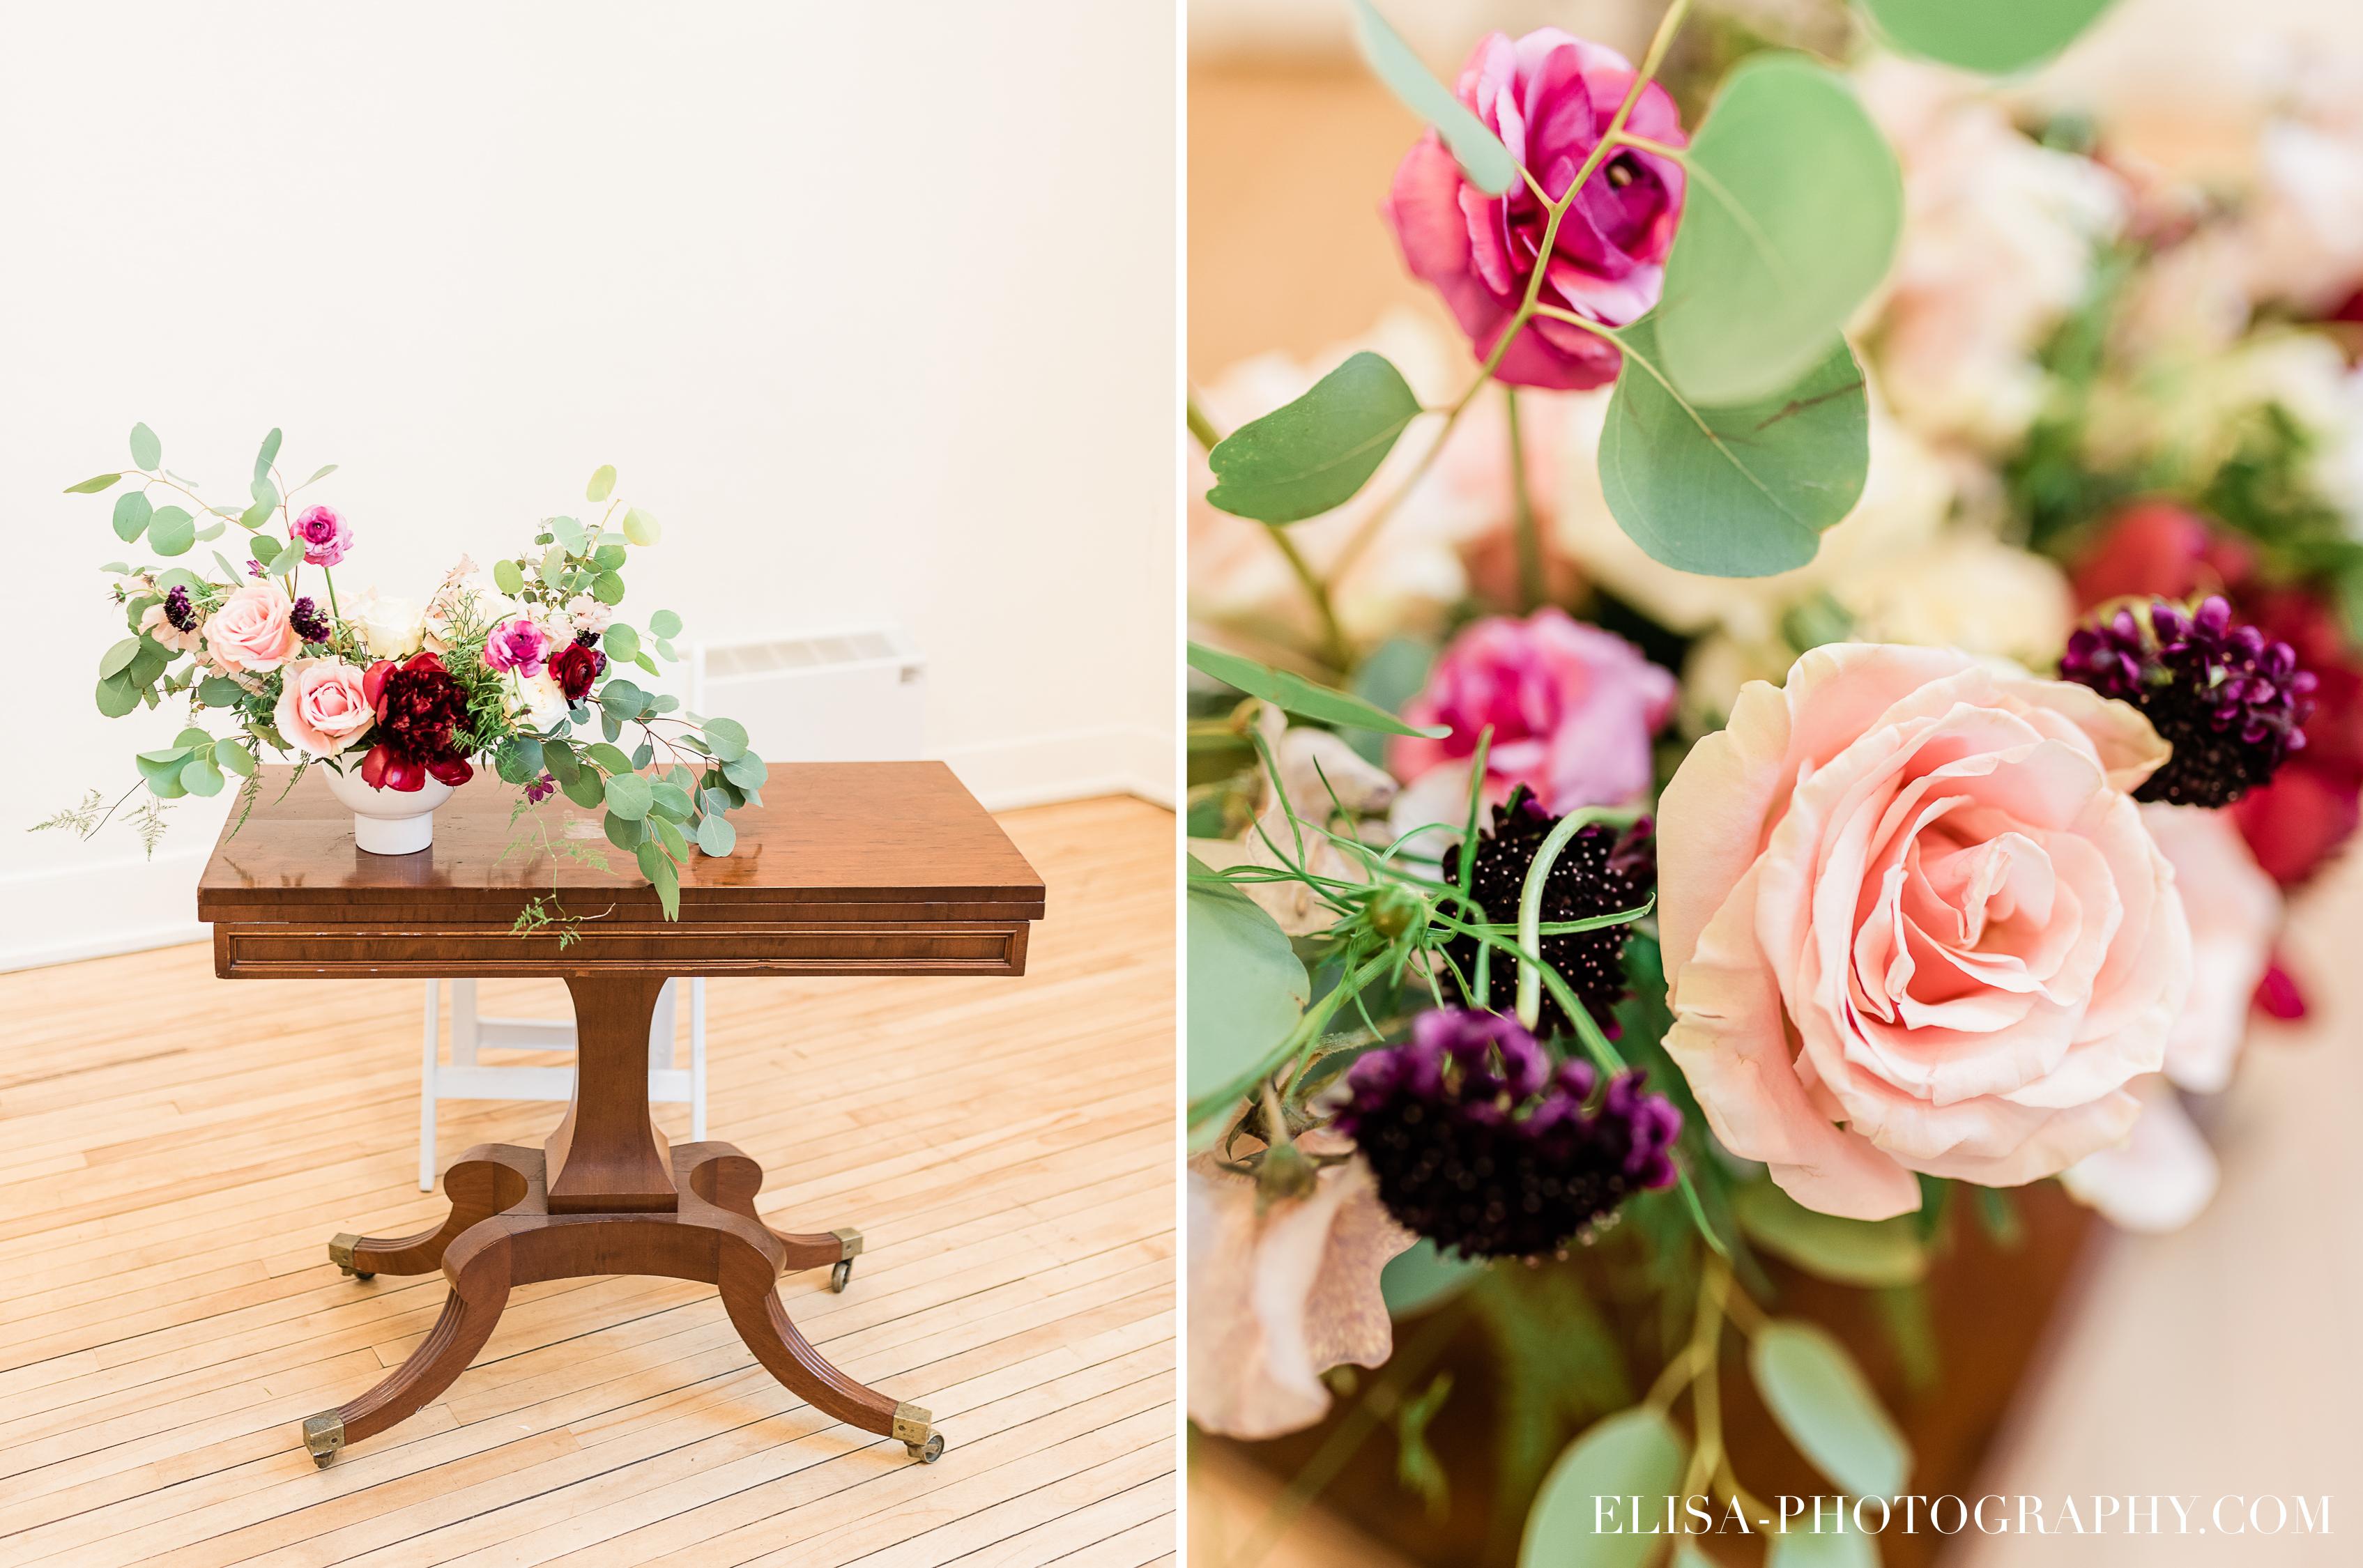 photo mariage ceremonie fleurs table signature domaine cataraqui elisa photographe bourgogne blush - Mariage élégant et discret au coeur du magnifique Domaine Cataraqui, Québec